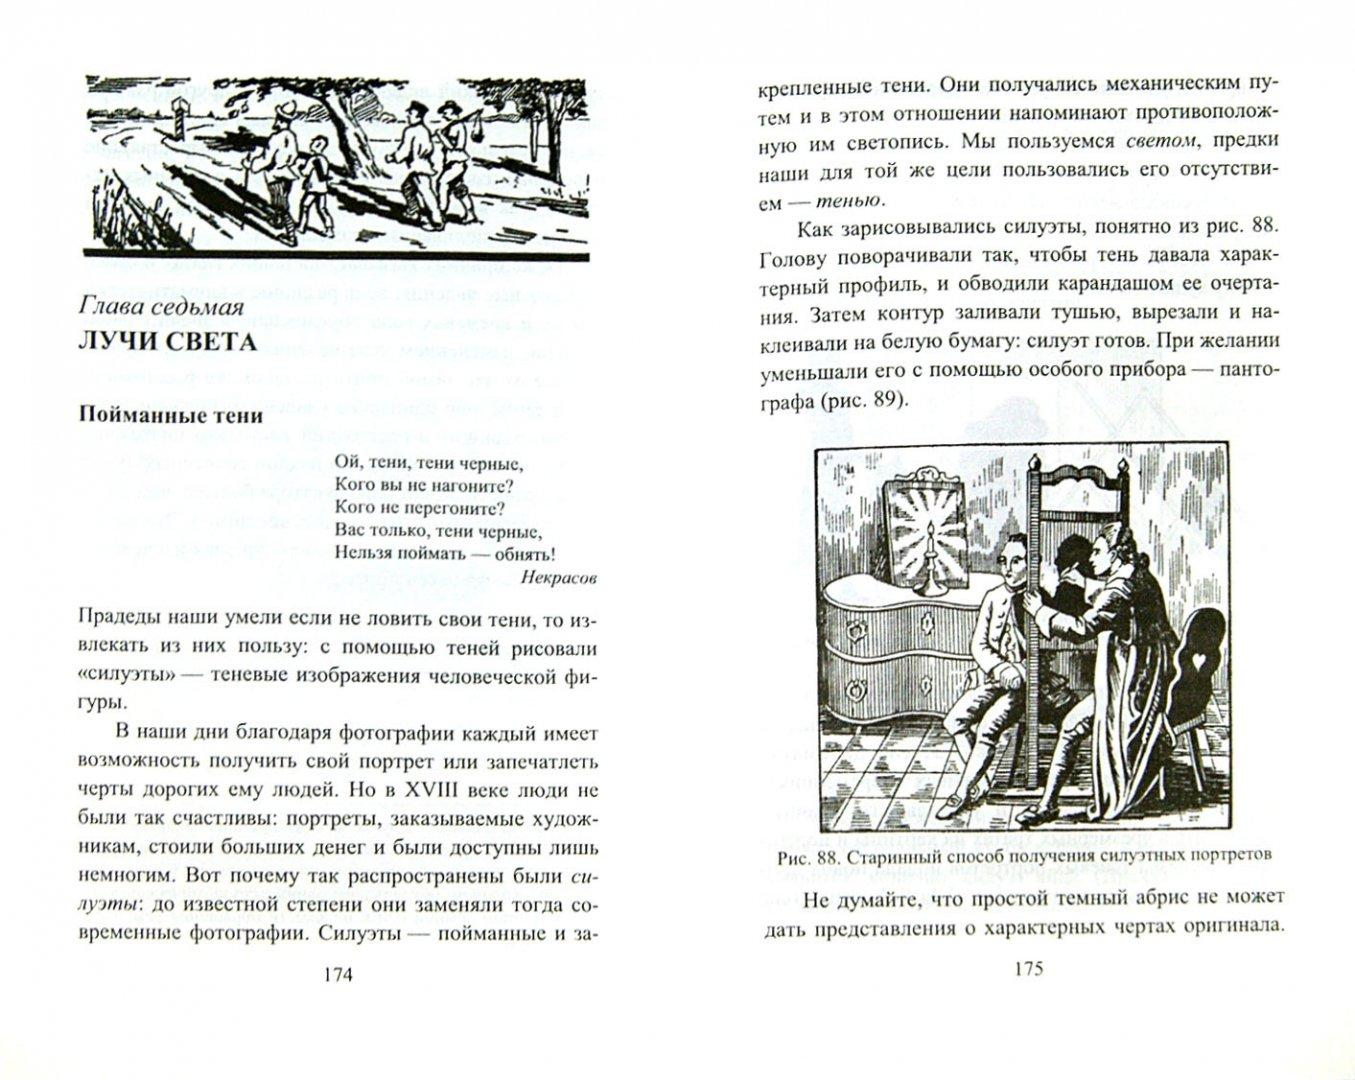 Иллюстрация 1 из 30 для Занимательная физика - Яков Перельман   Лабиринт - книги. Источник: Лабиринт